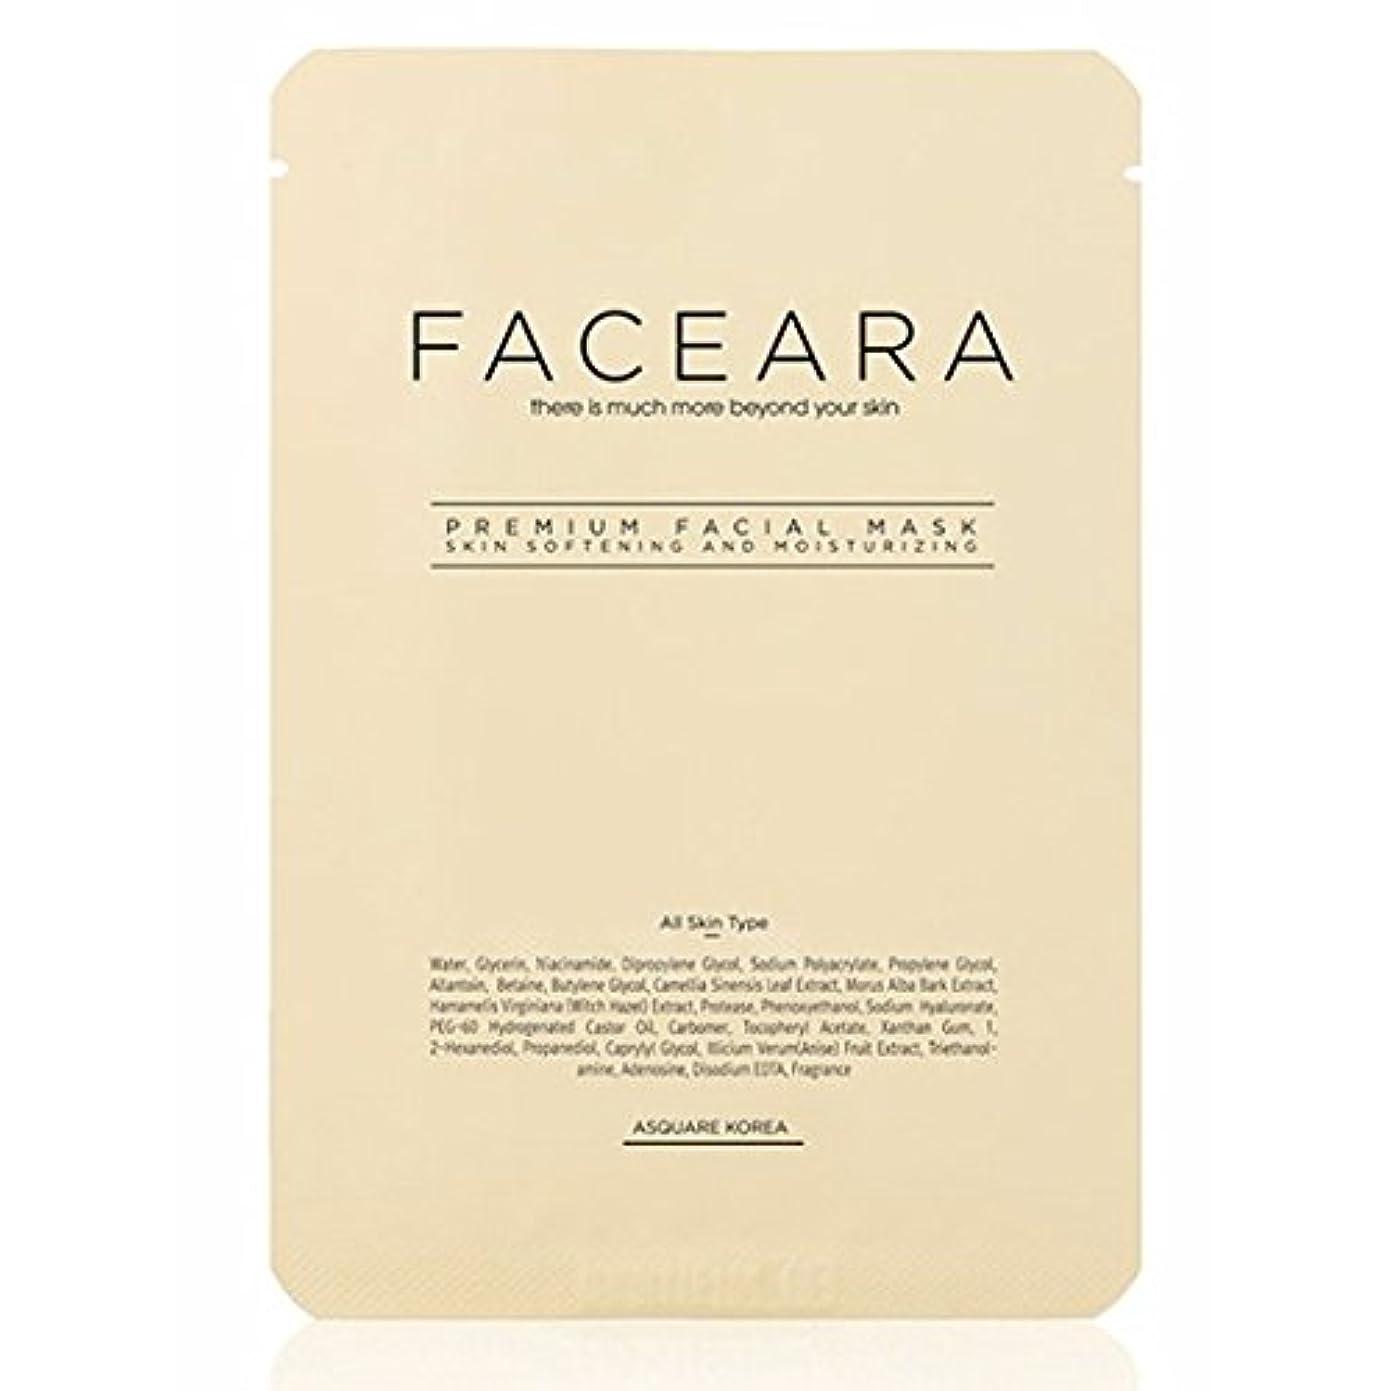 パトワ満了地平線[並行輸入品] FACEARA スクラブ&スーパーモイスチャライザー用プレミアムフェイシャルマスクシート25g 10本セット / FACEARA Premium Facial Mask Sheet for Scrub &...